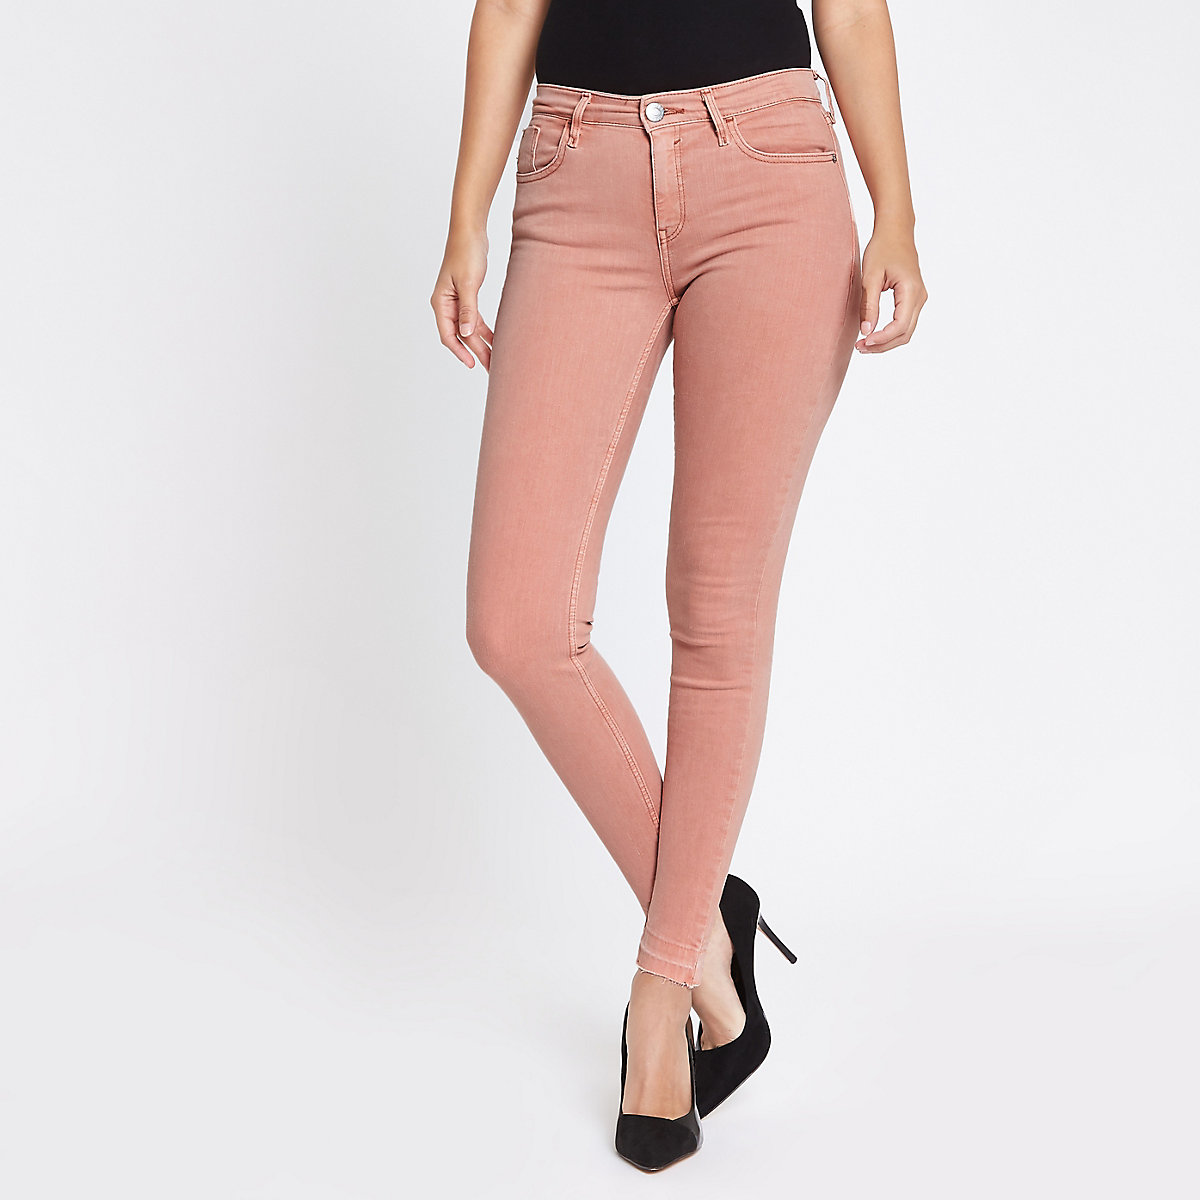 Amelie - Roze superskinny jeans met uitgelegde zoom